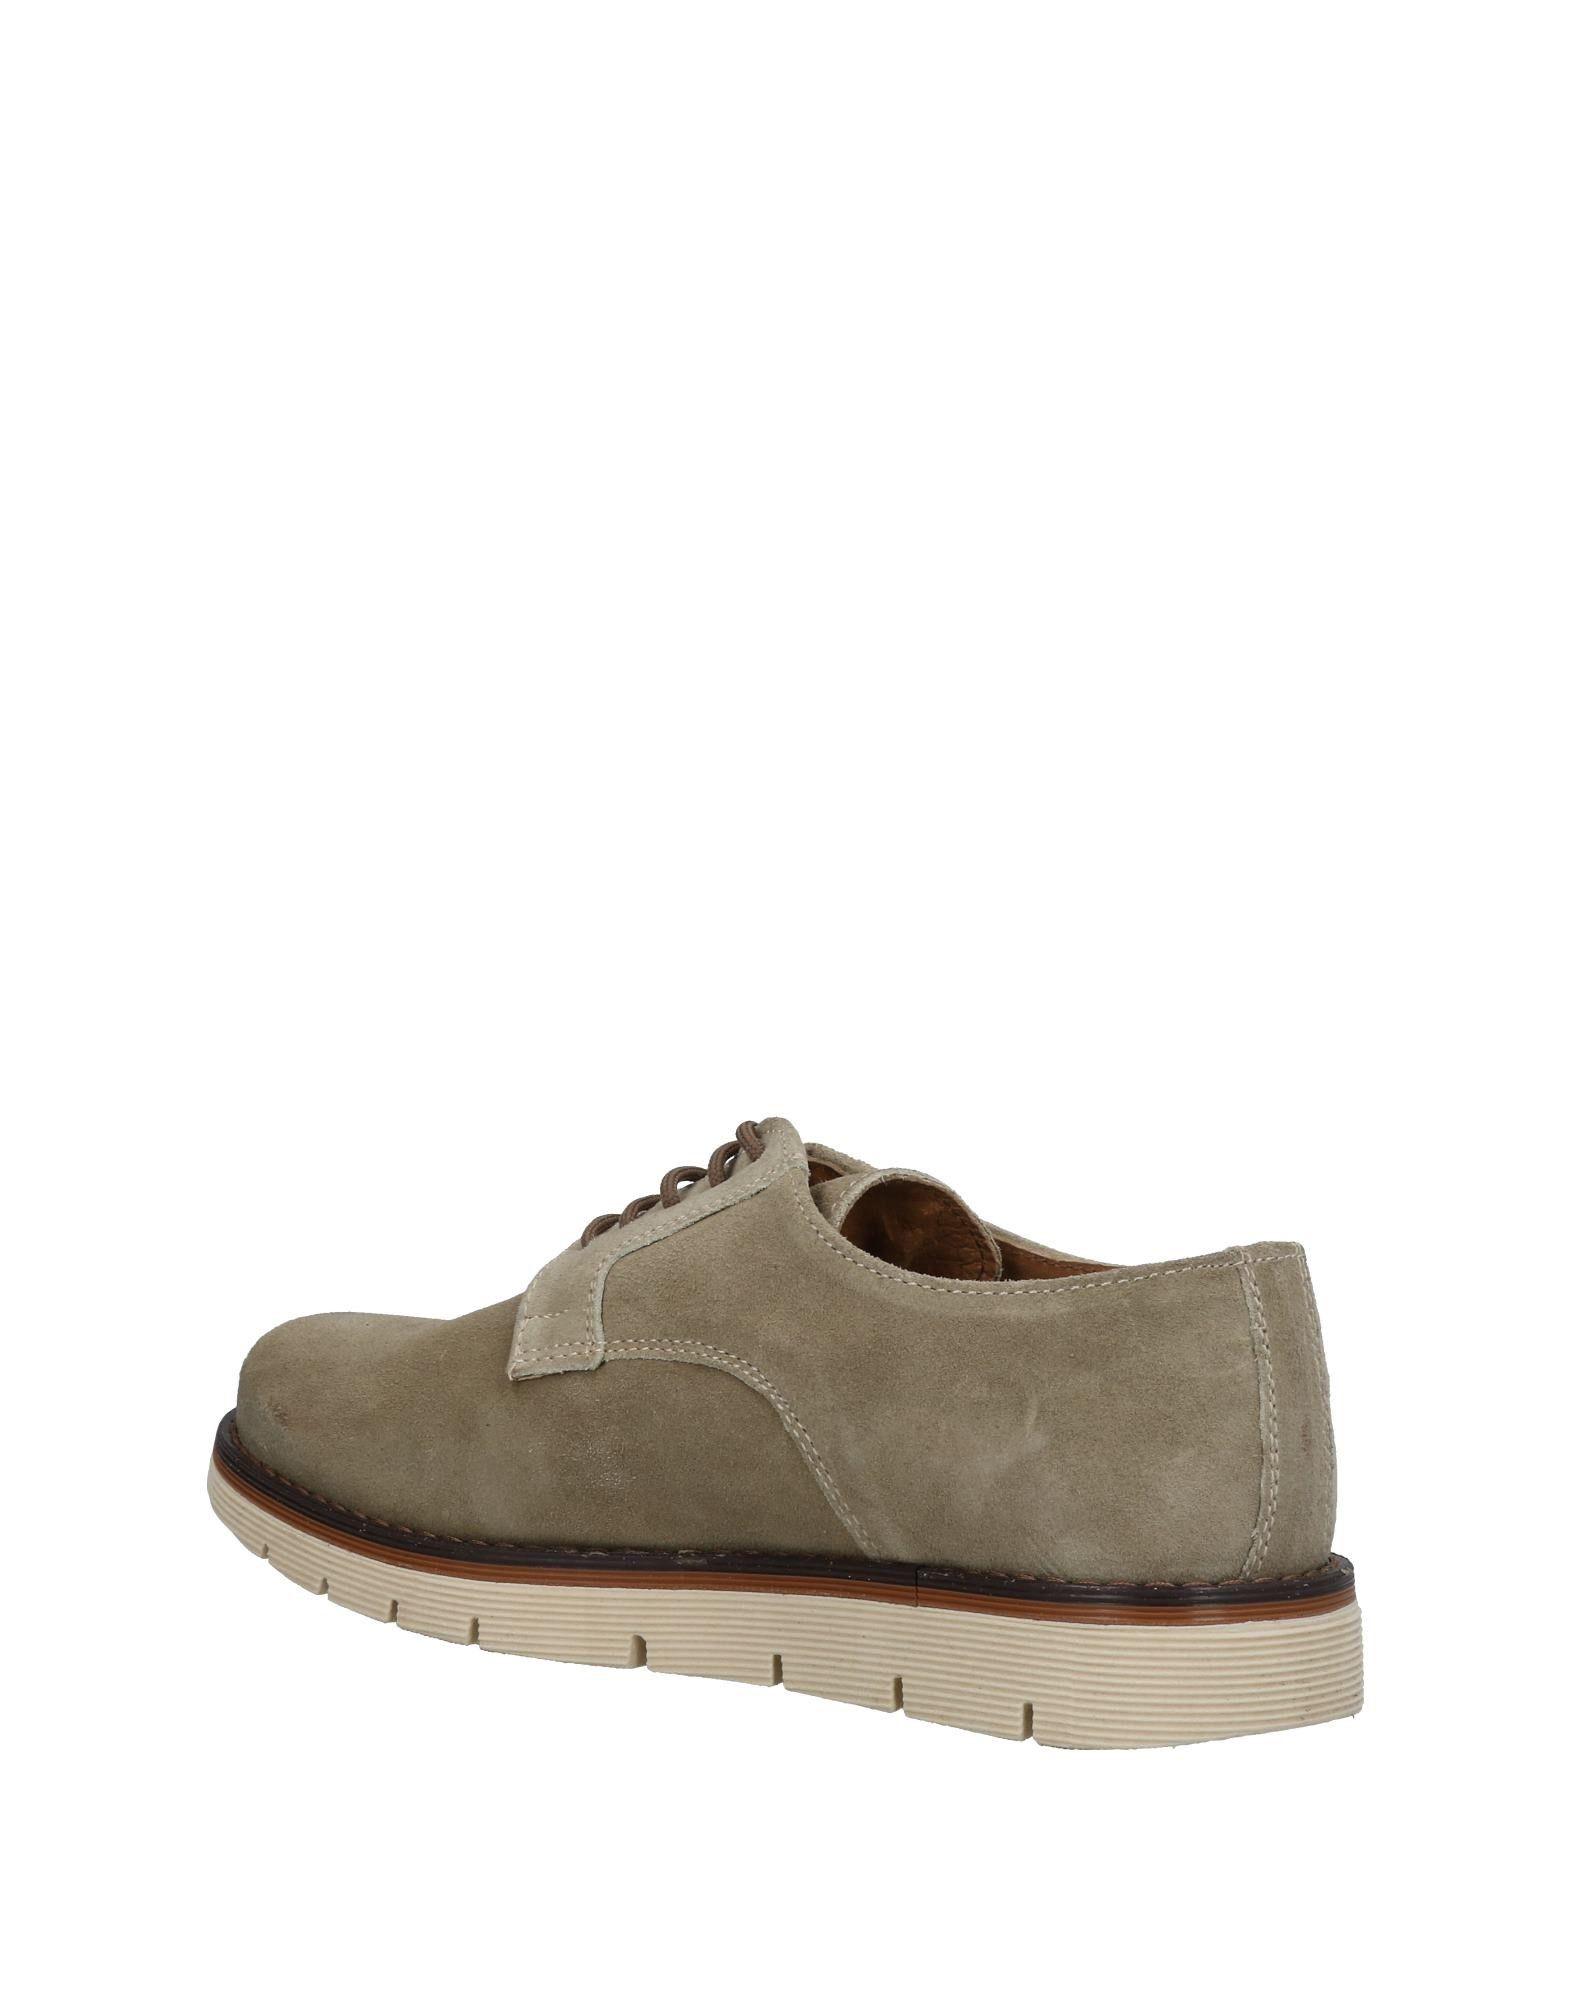 Chaussures À Lacets Alexander Trend Homme - Chaussures À Lacets Alexander Trend sur